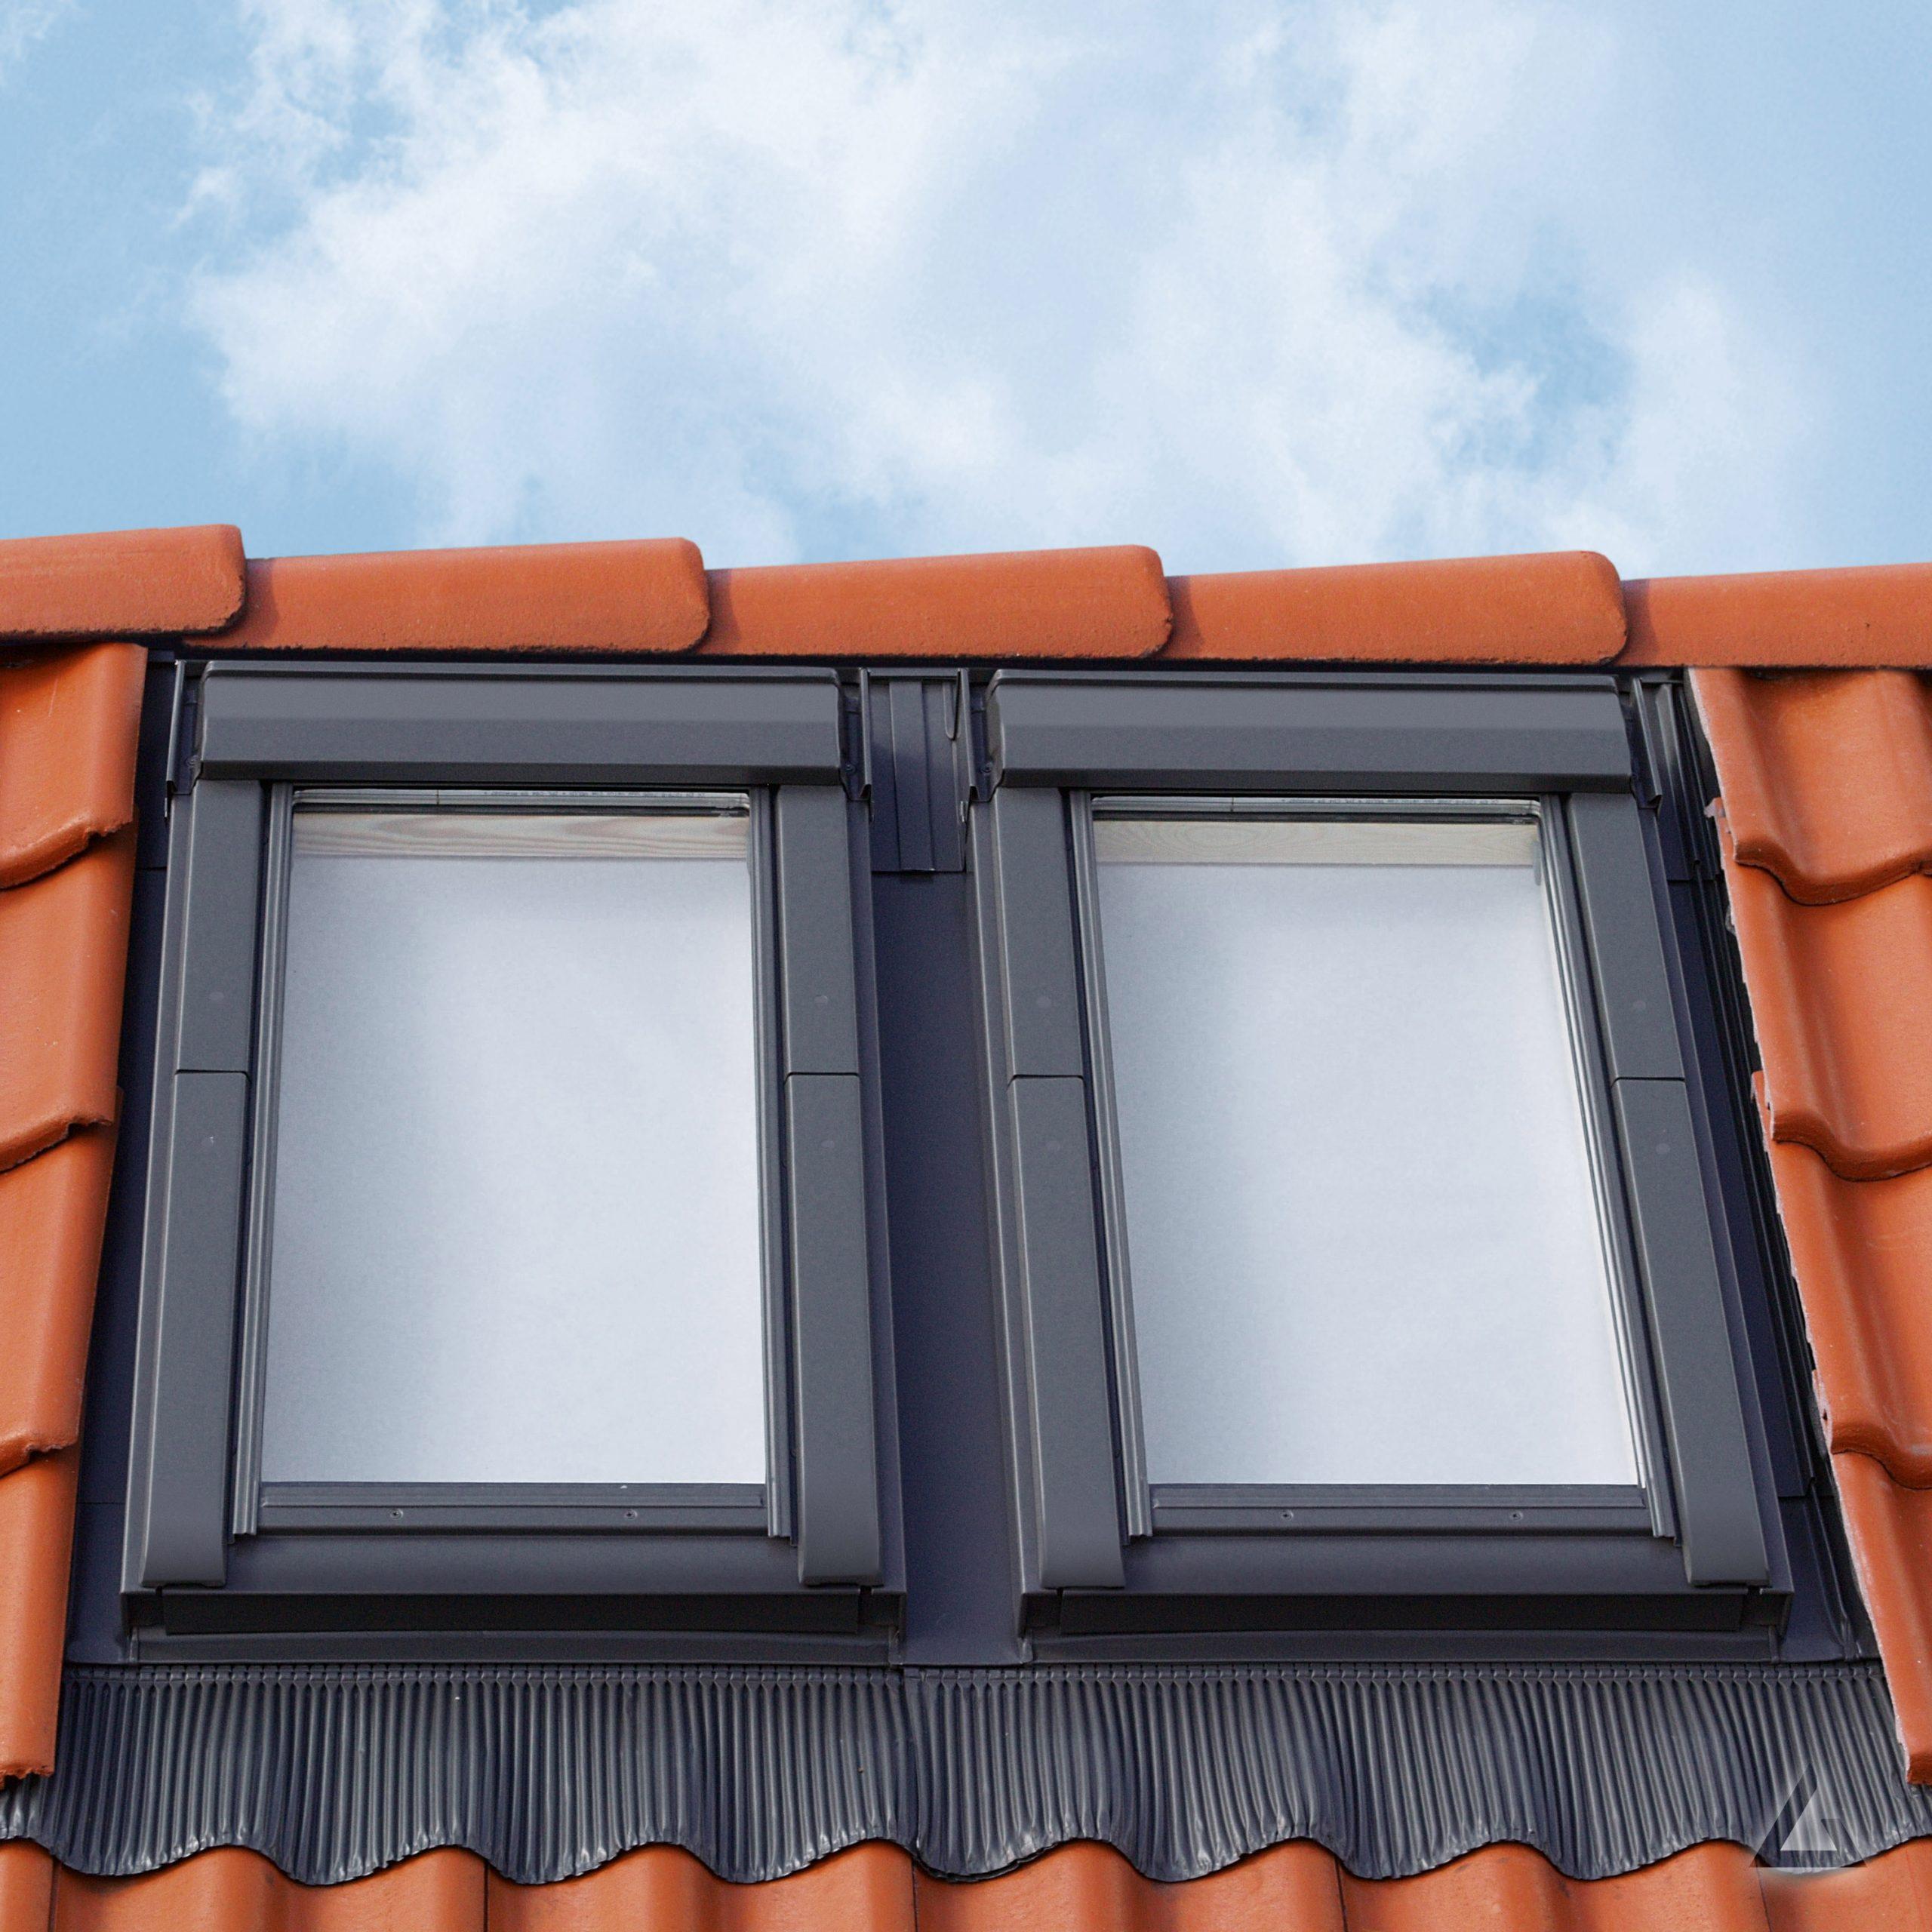 Full Size of Velux Fenster Preise Preisliste 2018 Dachfenster Einbauen Preis Mit Einbau 2019 Velufirsthaube Ekck00 0088 Alle Ausfhrungen Alu Gnstig Aco Rollo Folie Fenster Velux Fenster Preise